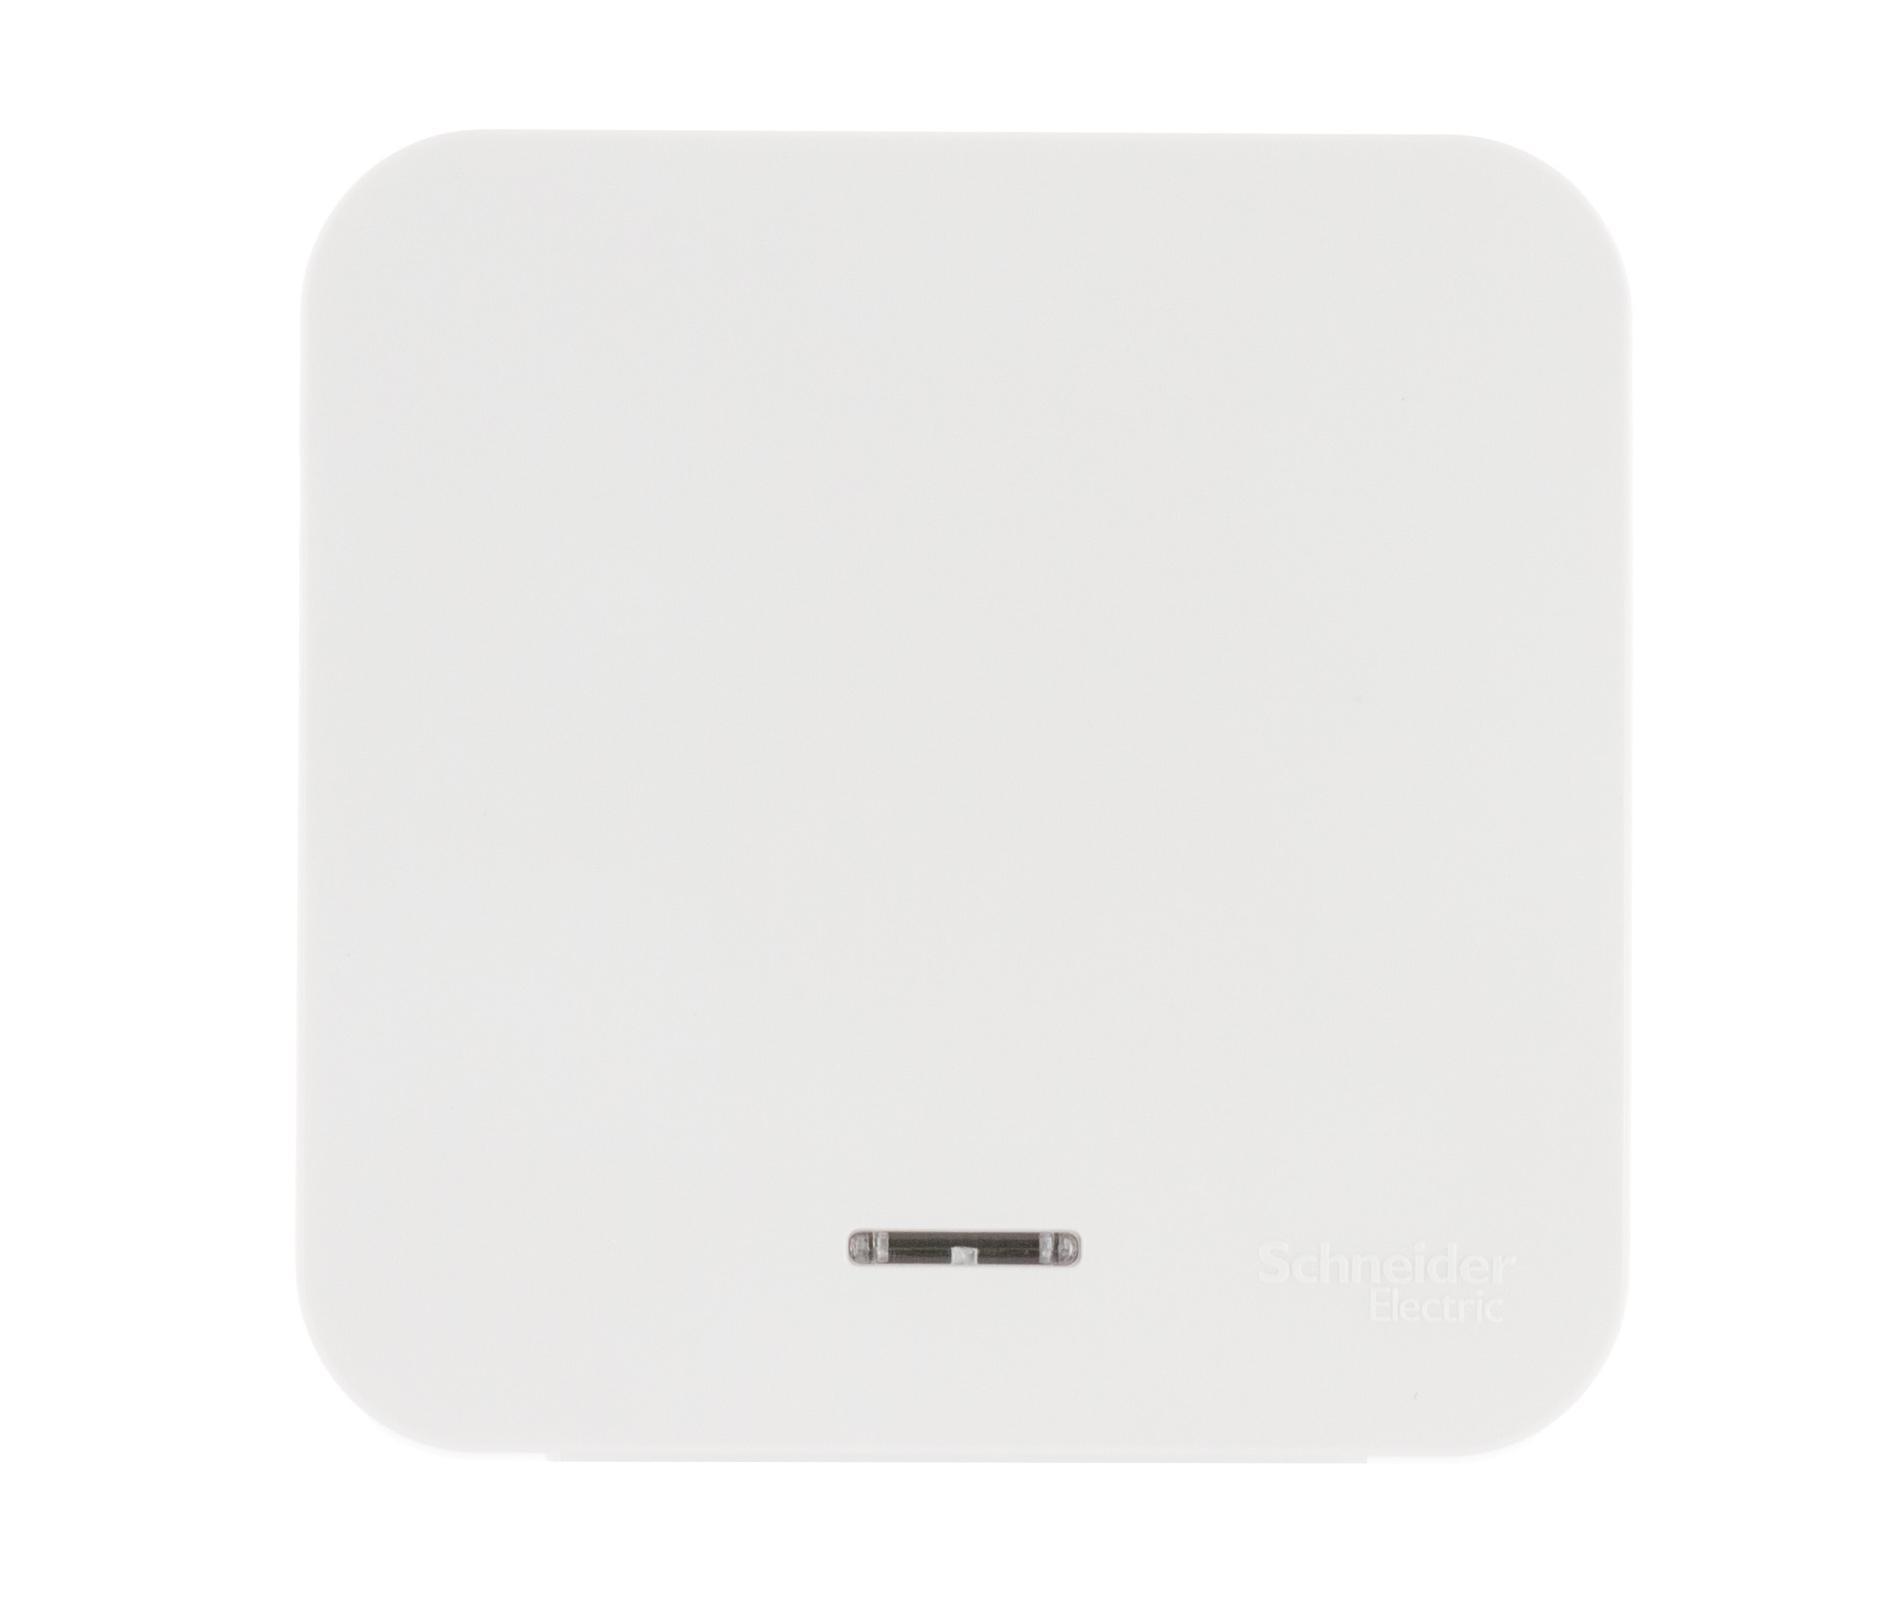 Выключатель Schneider electric Blnva101111 blanca панель лицевая schneider electric actassi 1 модуль белый 24 шт vdi88240